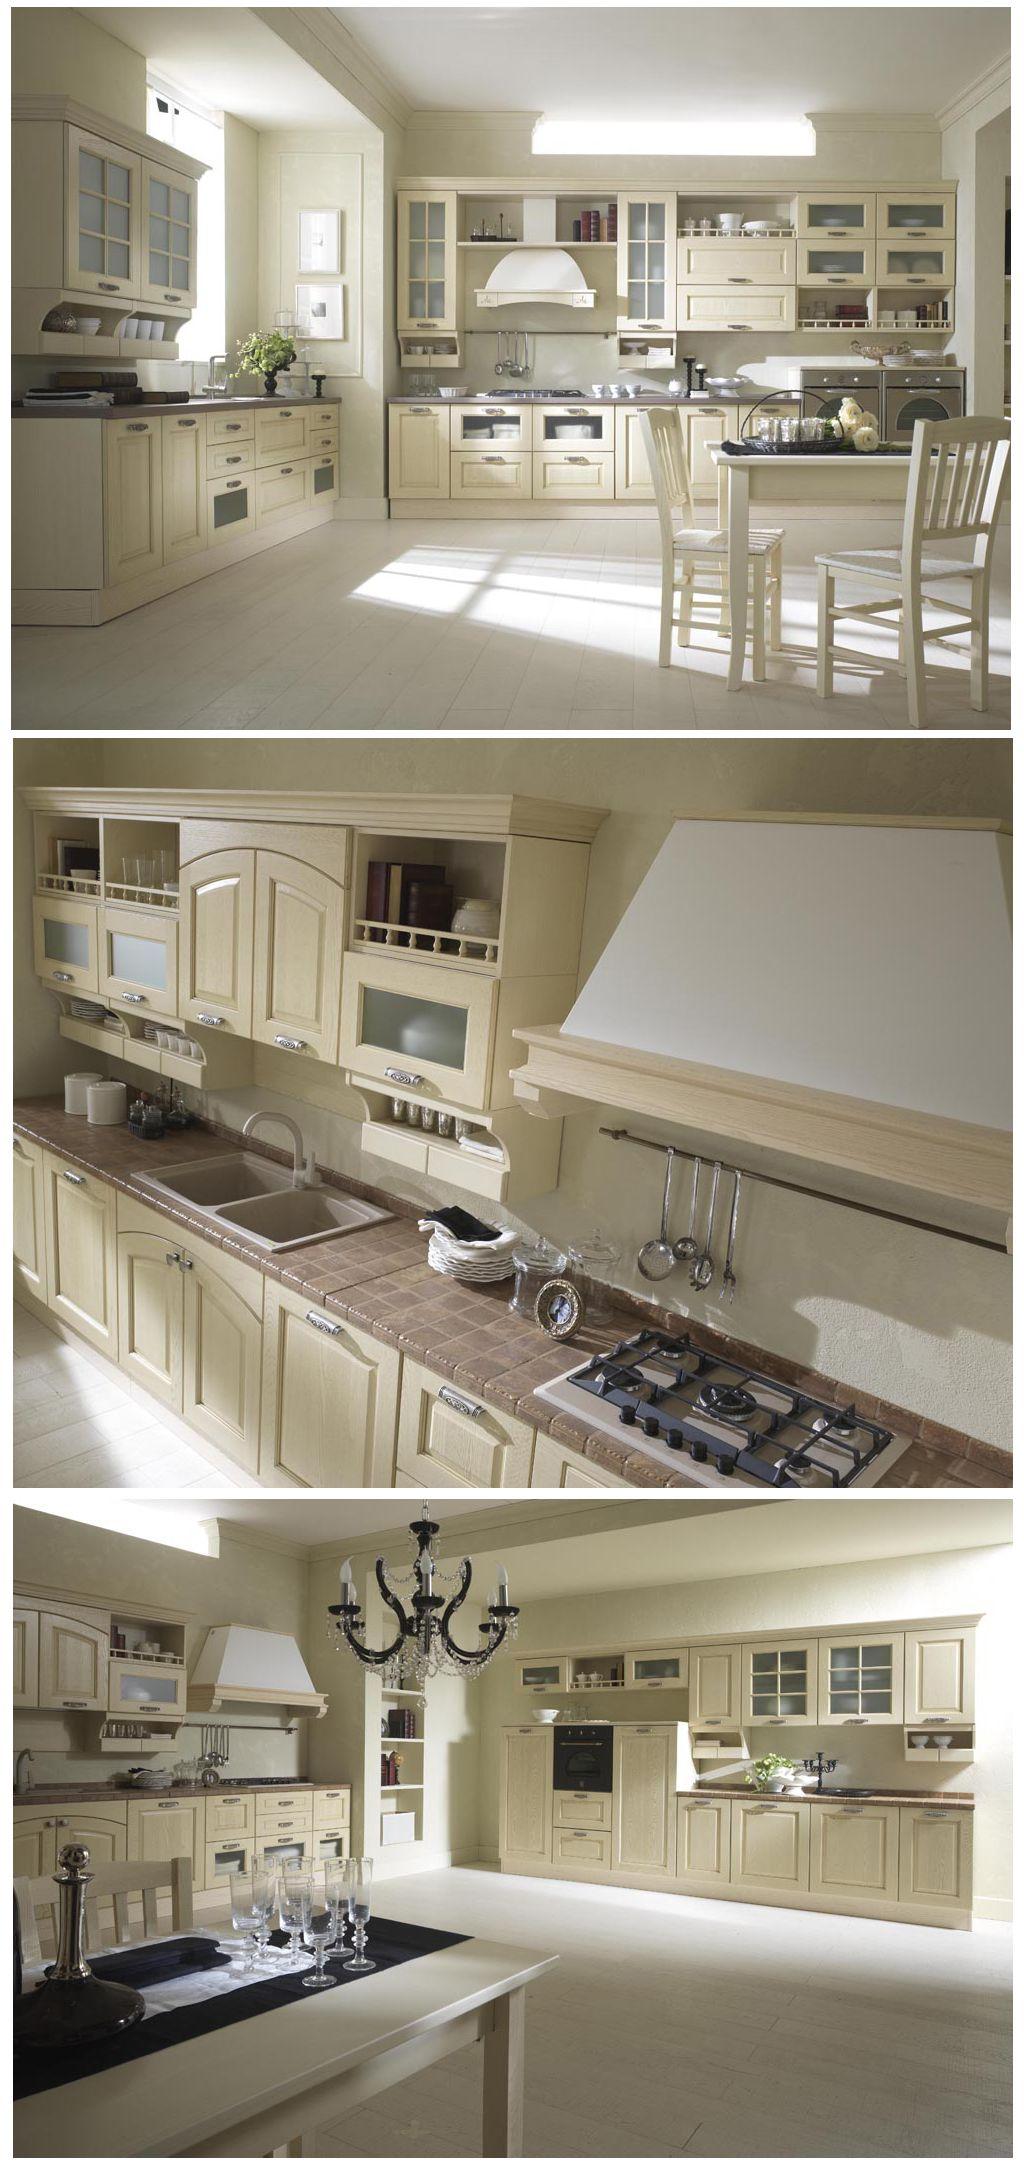 ELENA: #arredamento #cucina in stile #rustico - #design #qualità ...